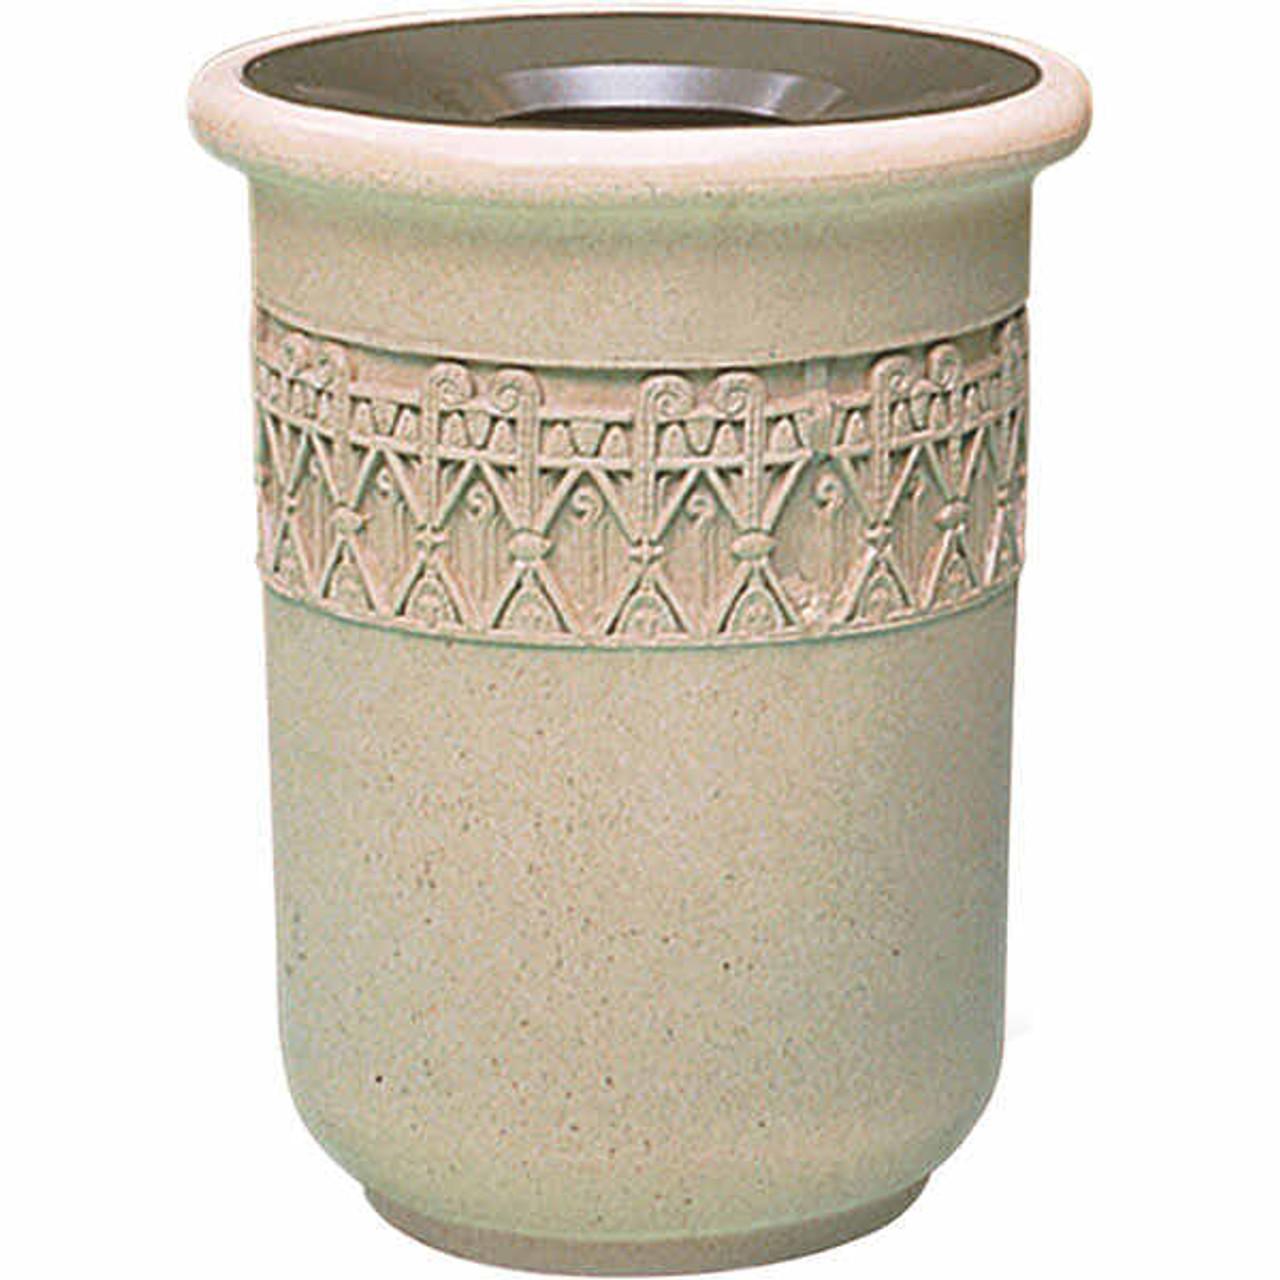 26 Gallon Concrete Funnel Top Decorative Waste Container TF1115